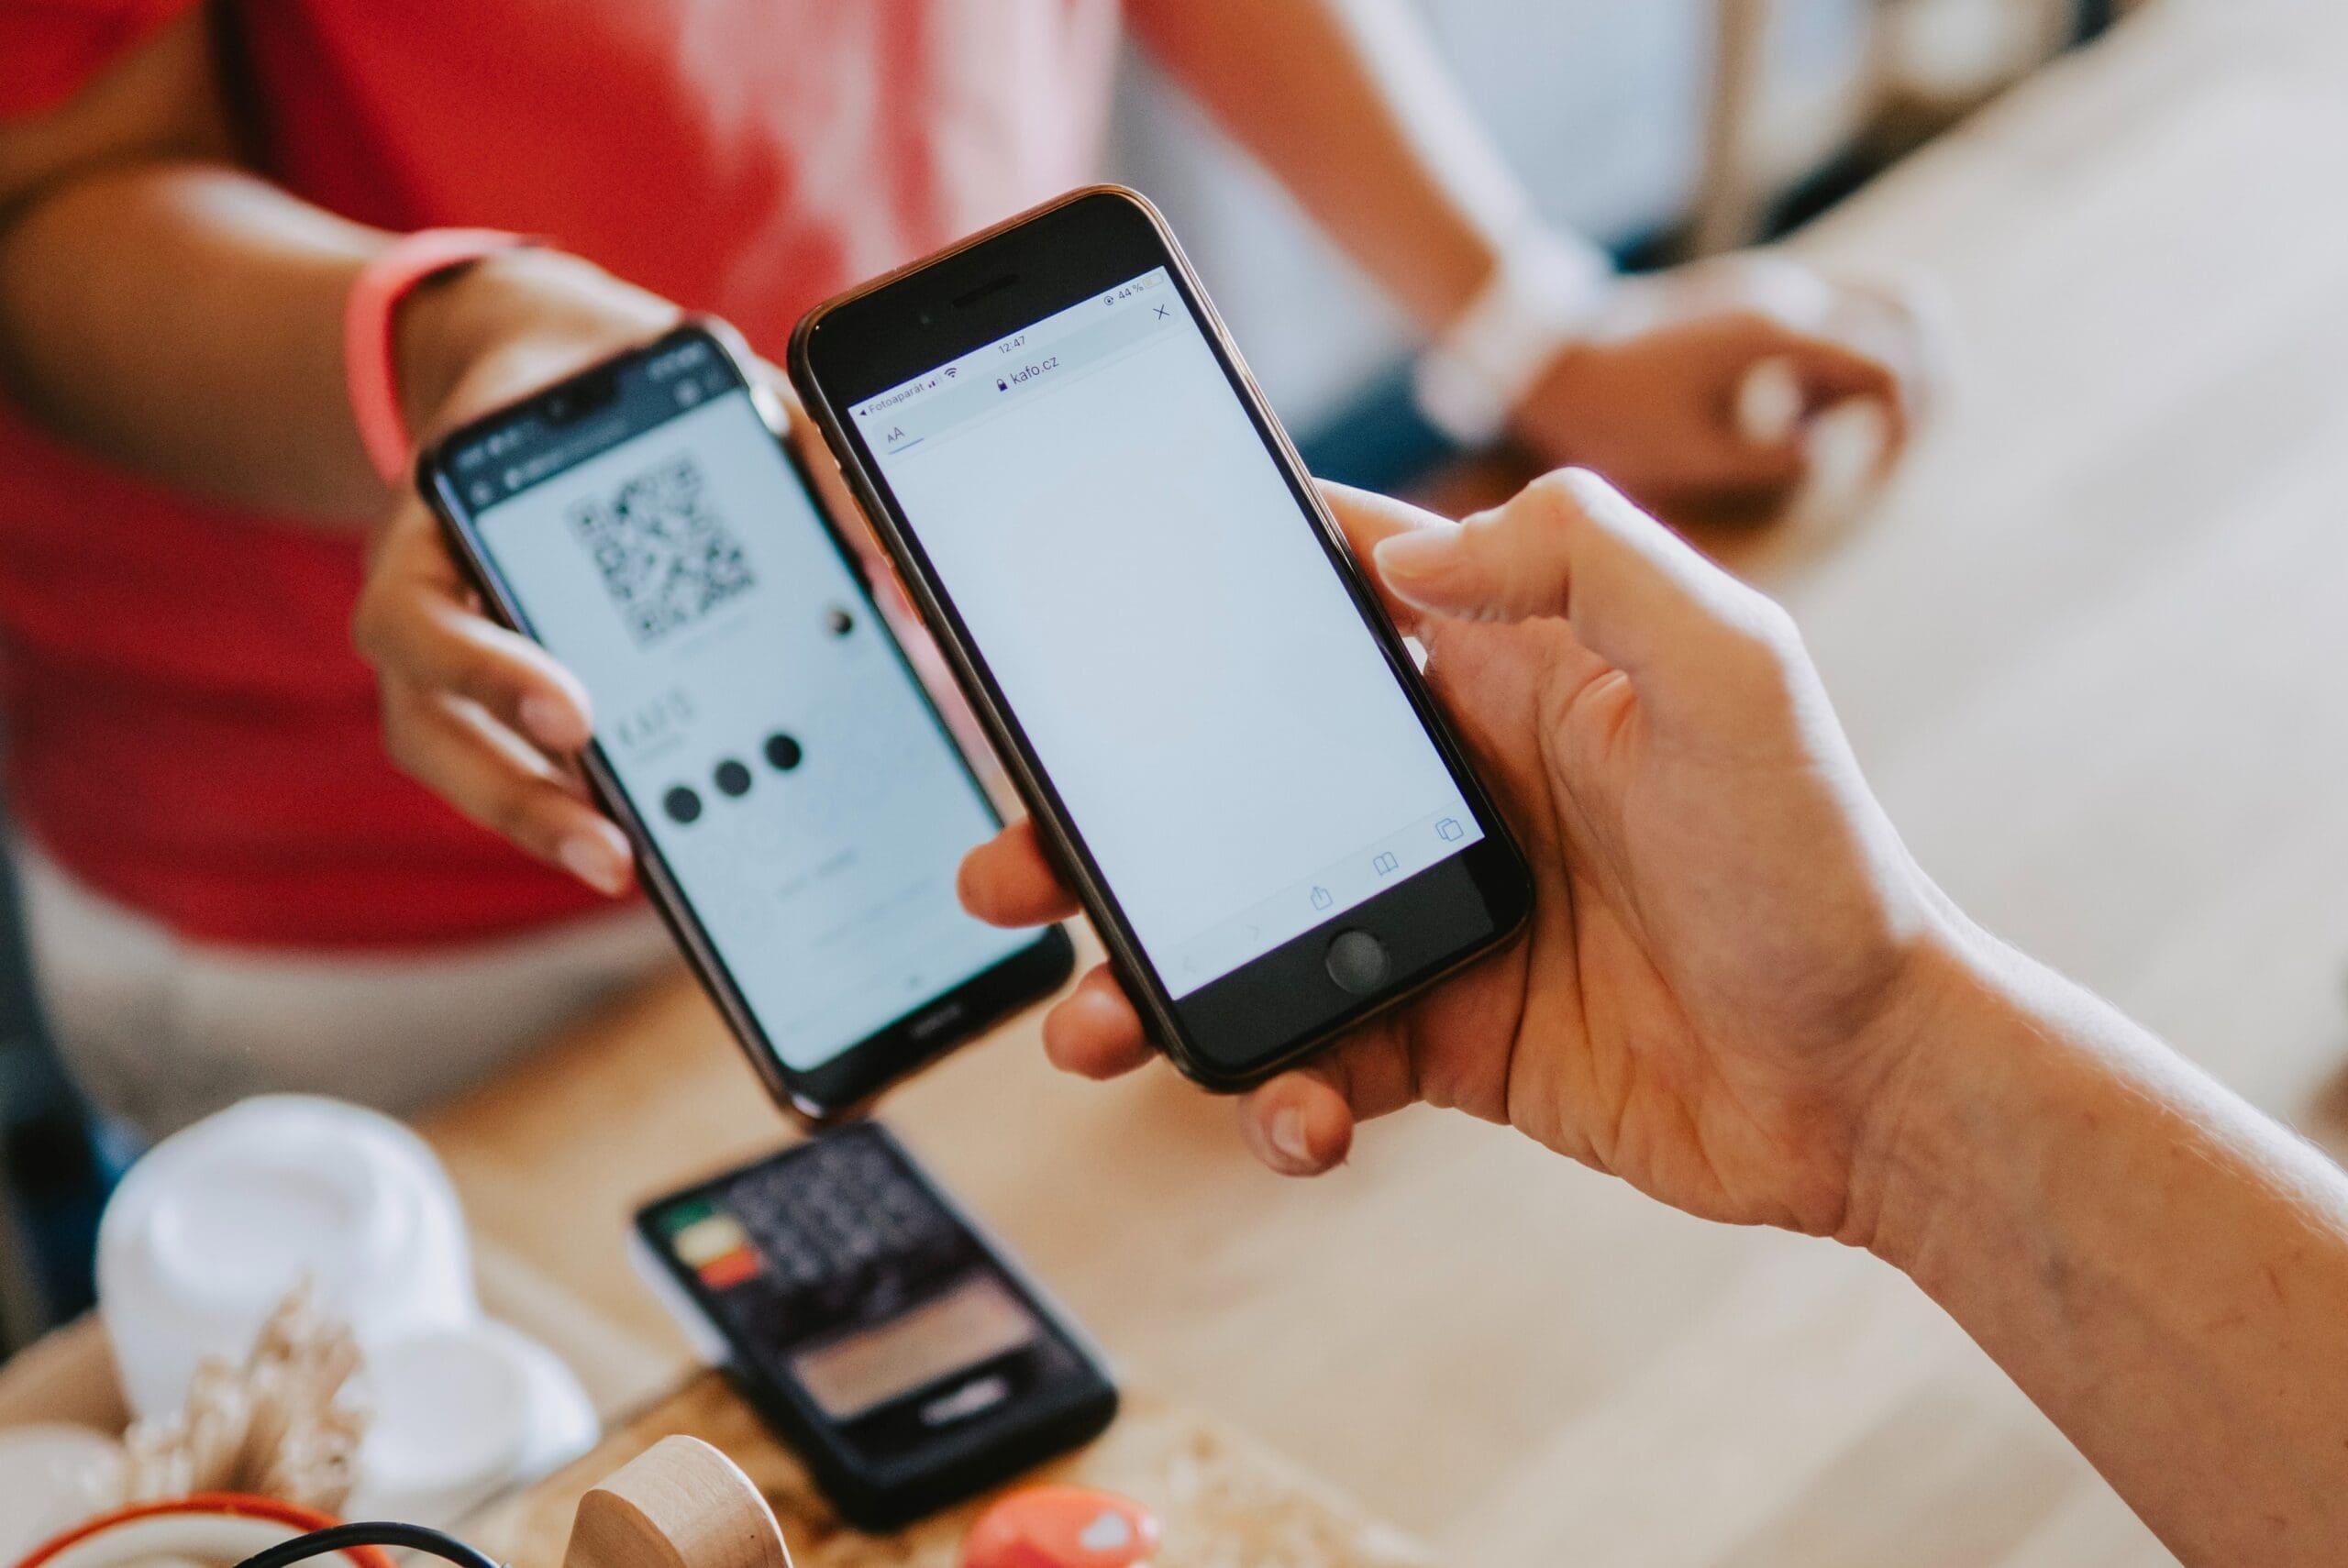 Изображение 5G-технологии в повседневной жизни как результат сотрудничества Mastercard-Verizon